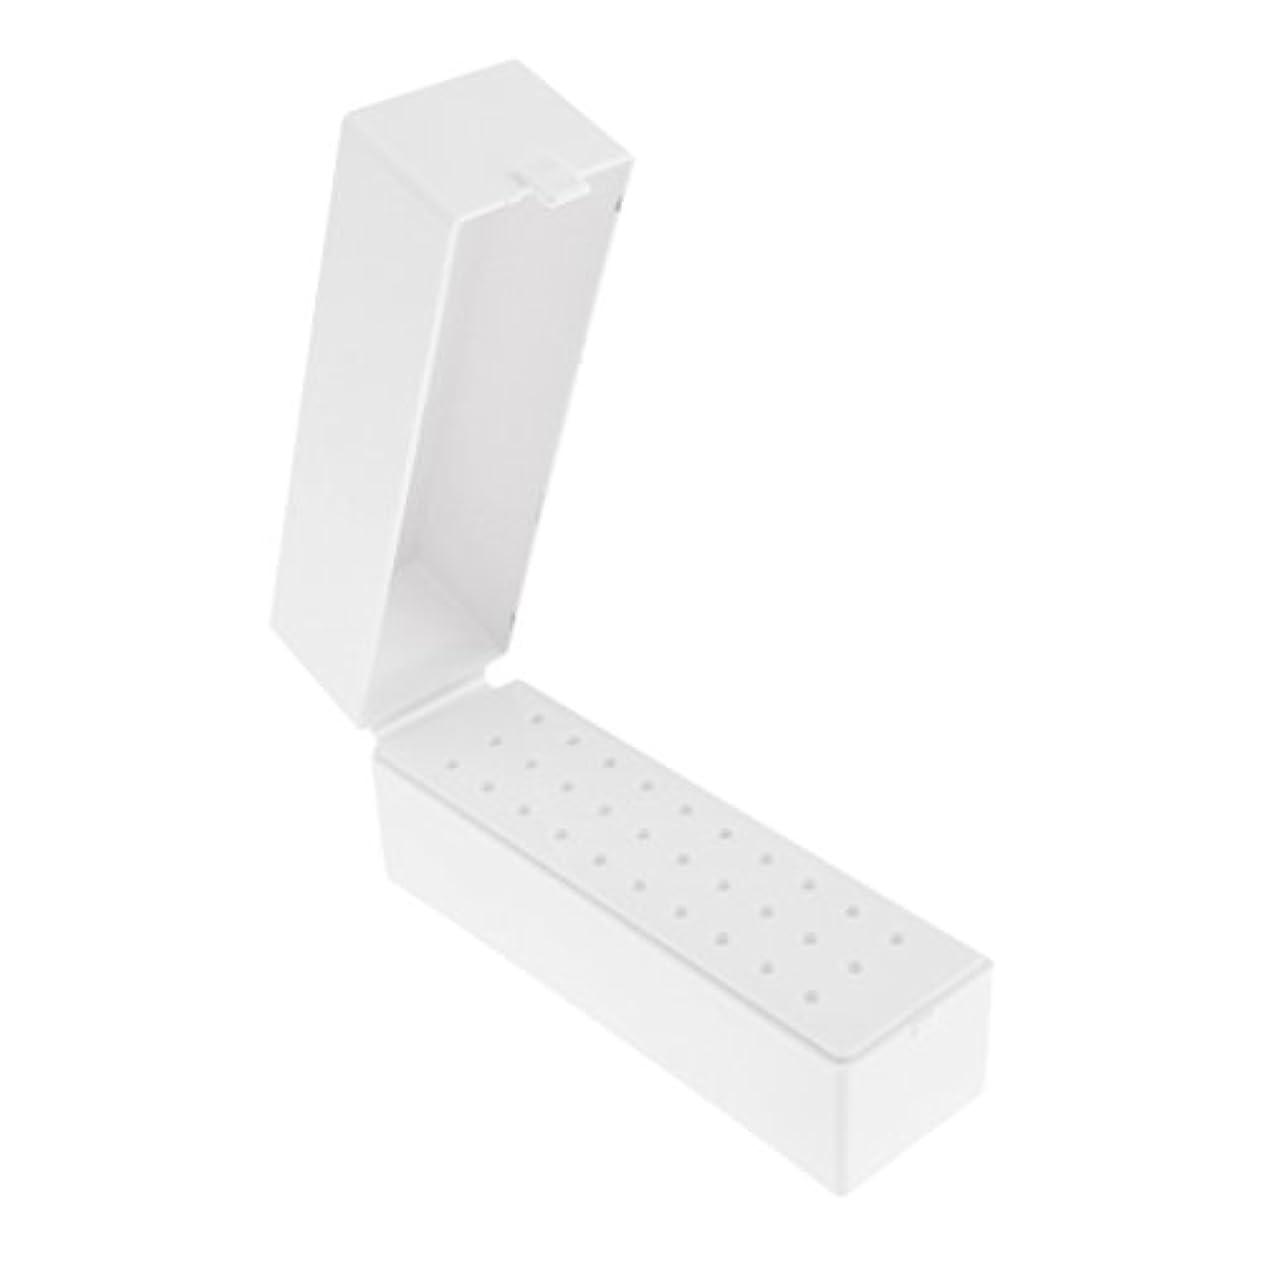 だらしない主観的考えた30穴プラスチックネイルアートツールボックスネイルドリルビットホルダー防塵スタンド収納オーガナイザー